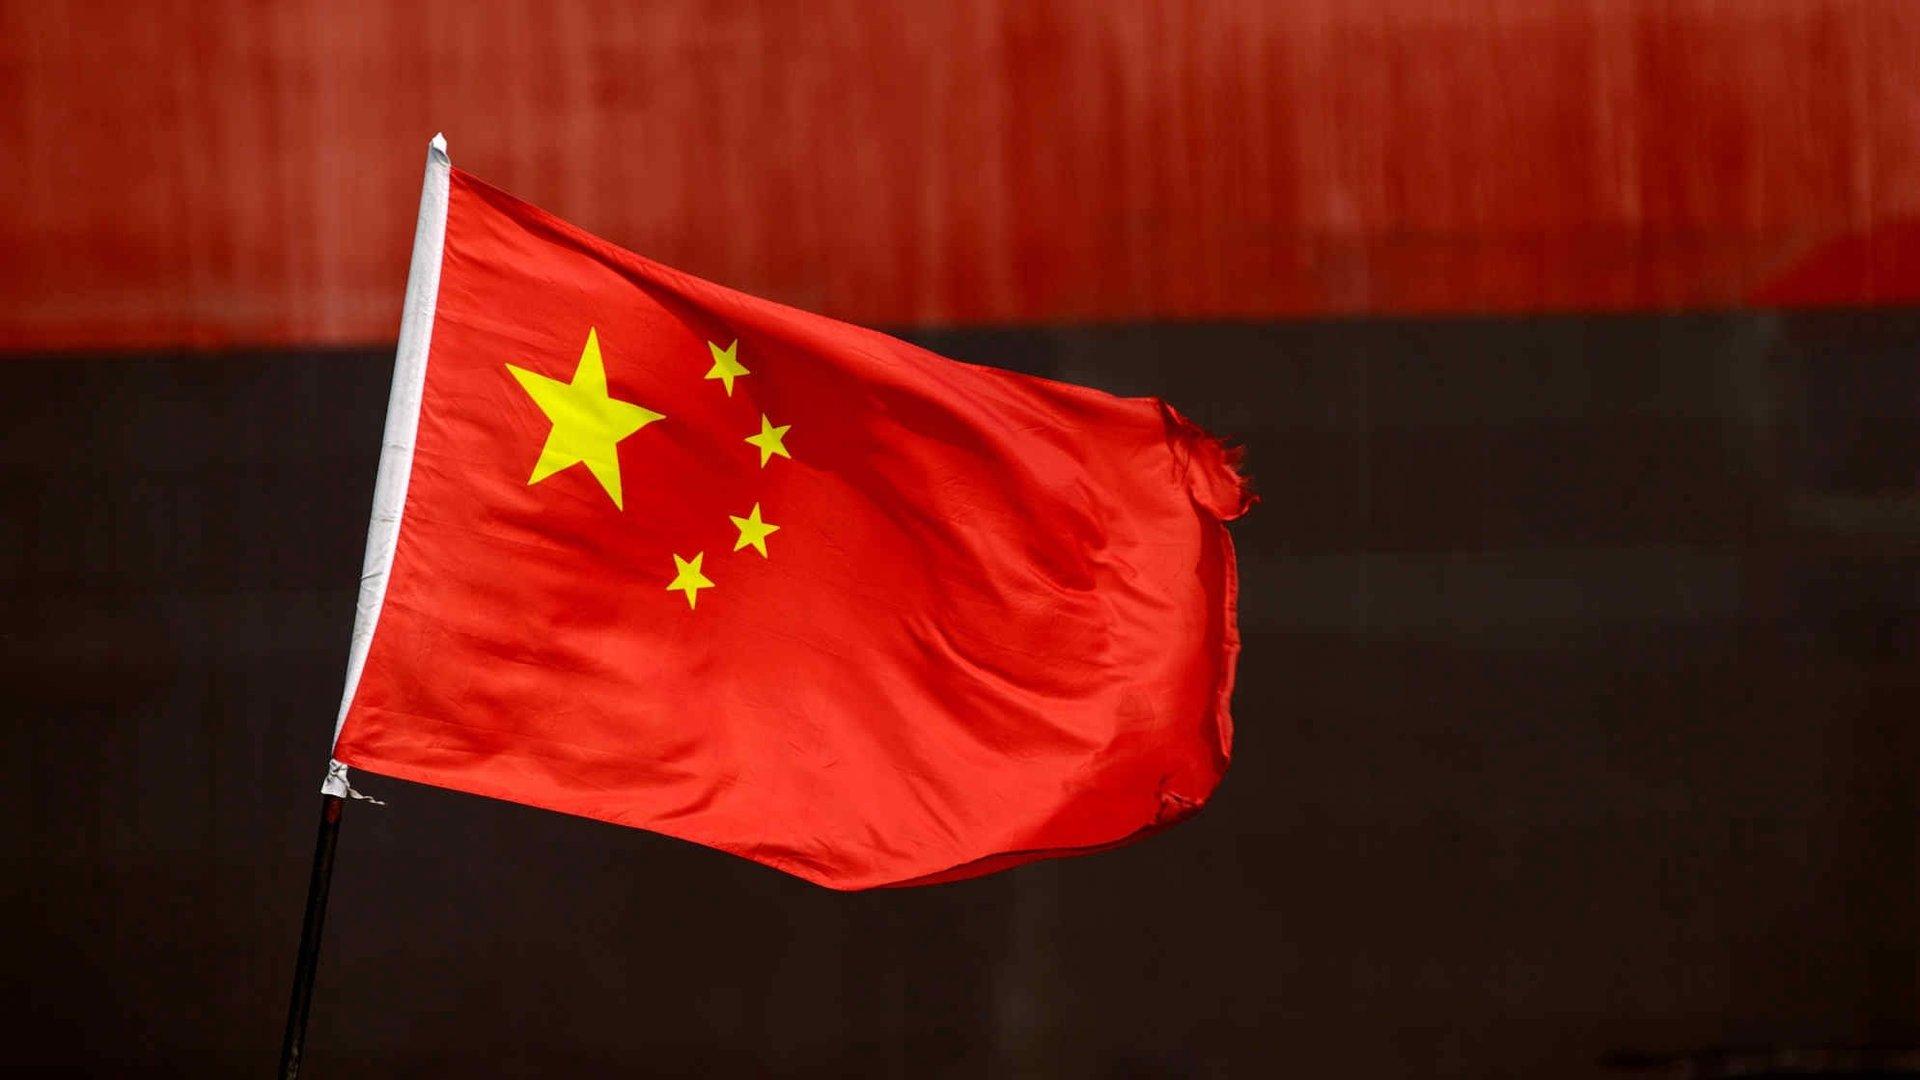 筆者認為中國共產黨政權離倒台不遠。圖片來源:CGTN